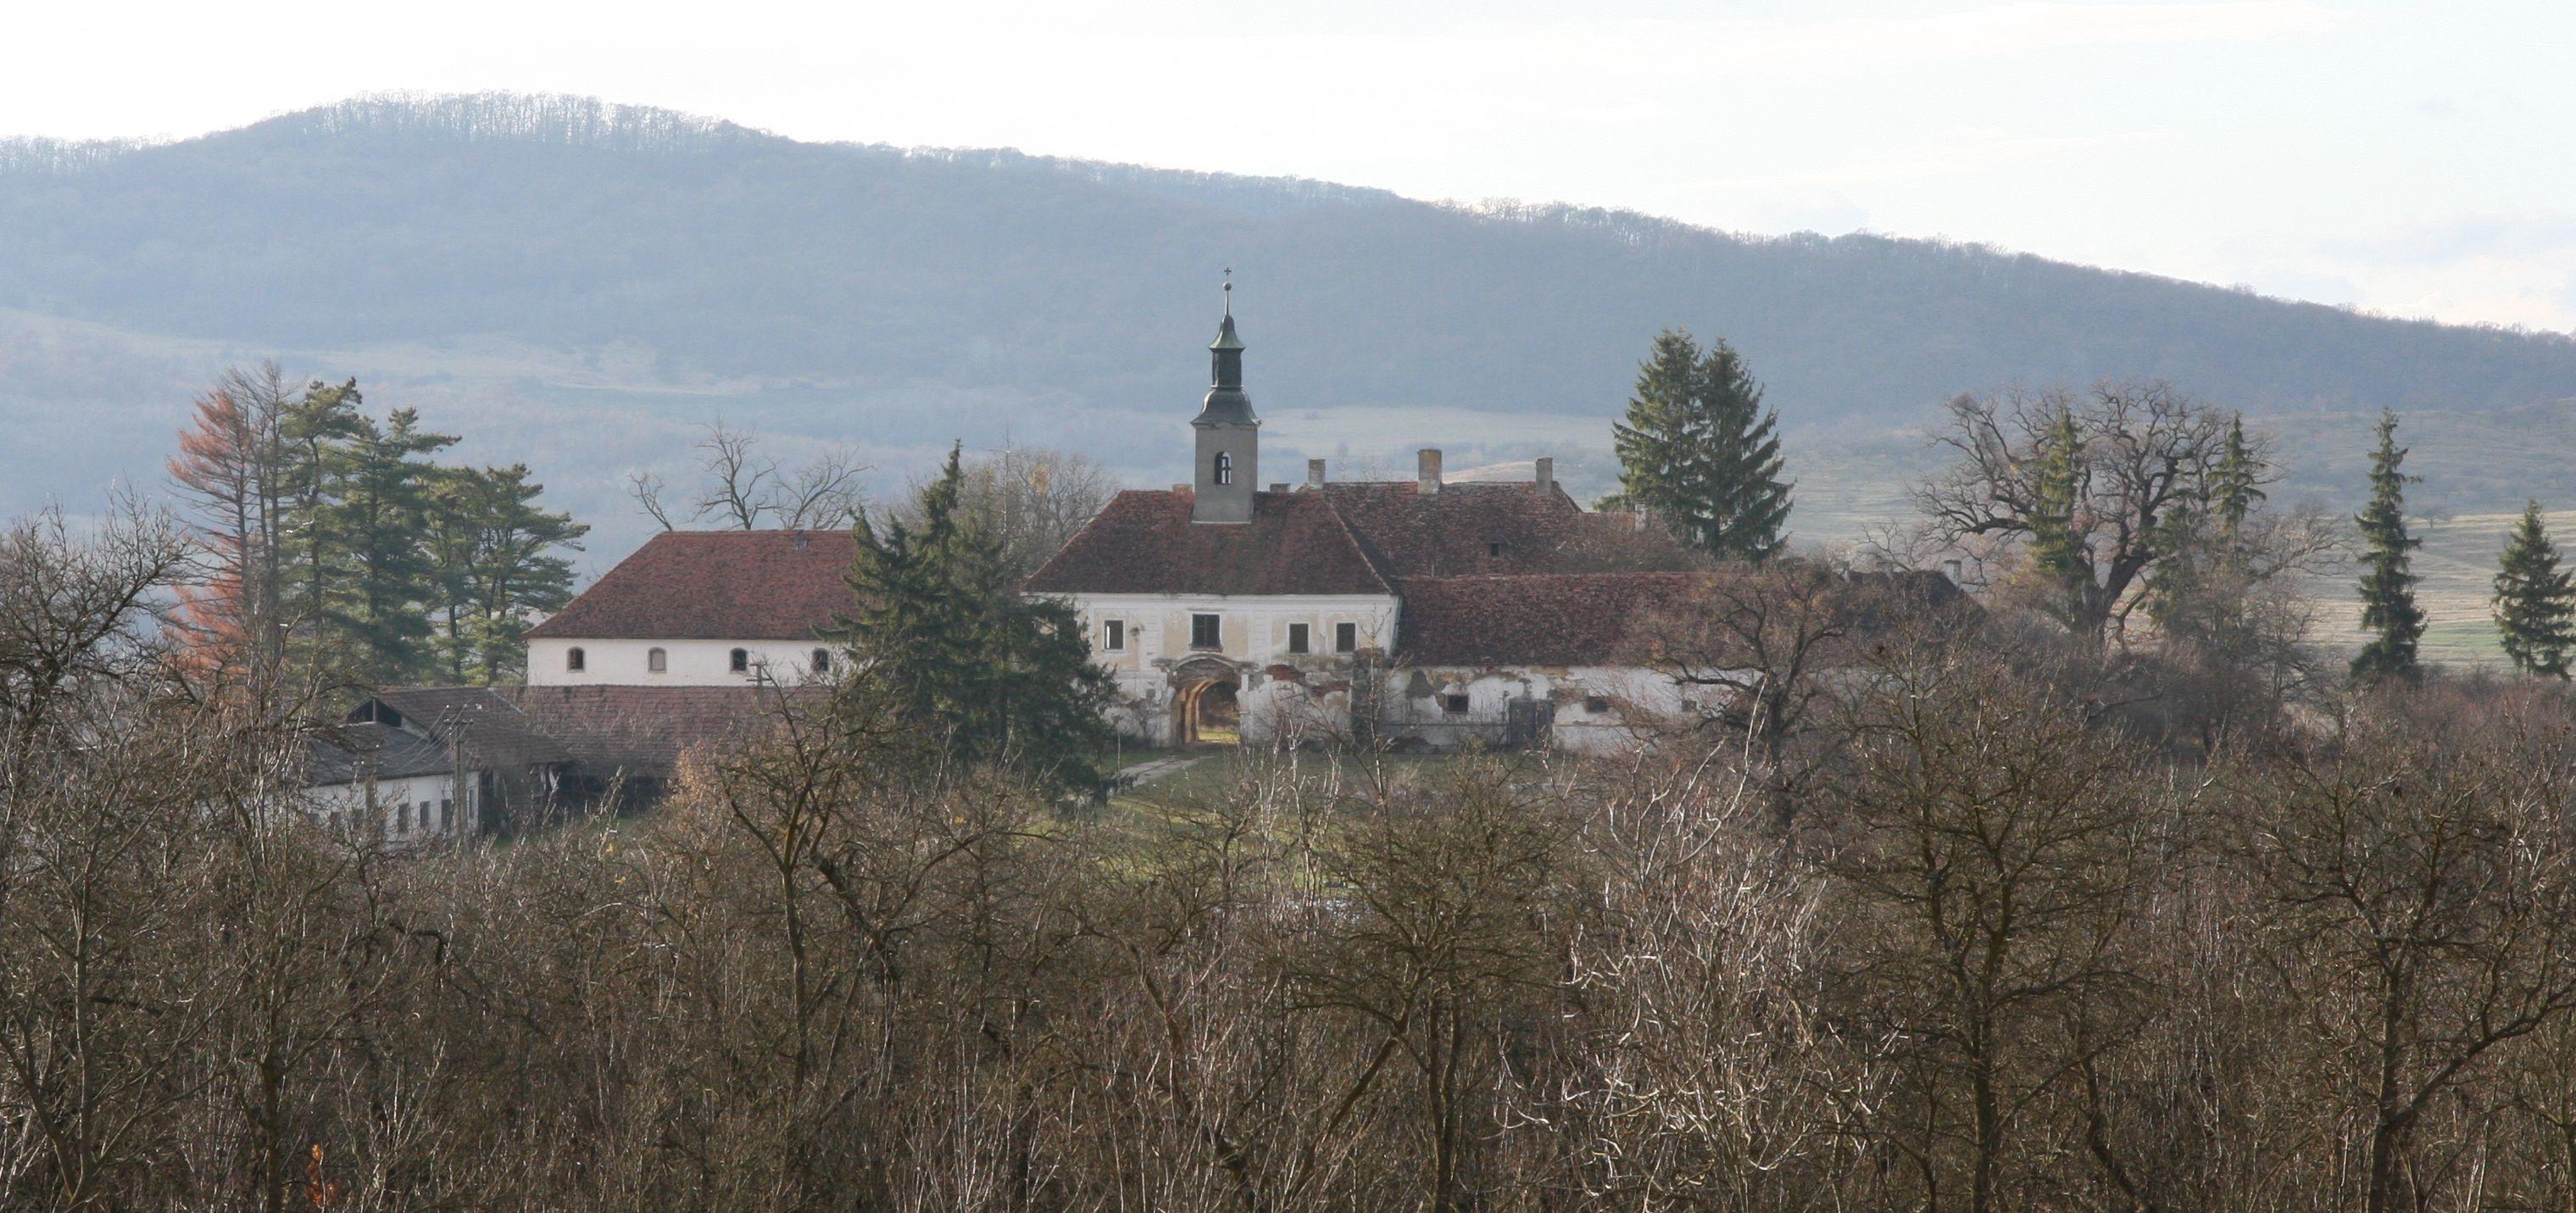 Castelul nobiliar Teleki din Bistriţa-Năsăud, reabilitat cu peste 20 milioane lei / În ce va fi transformat unul dintre cele mai importante monumente istorice ale Transilvaniei